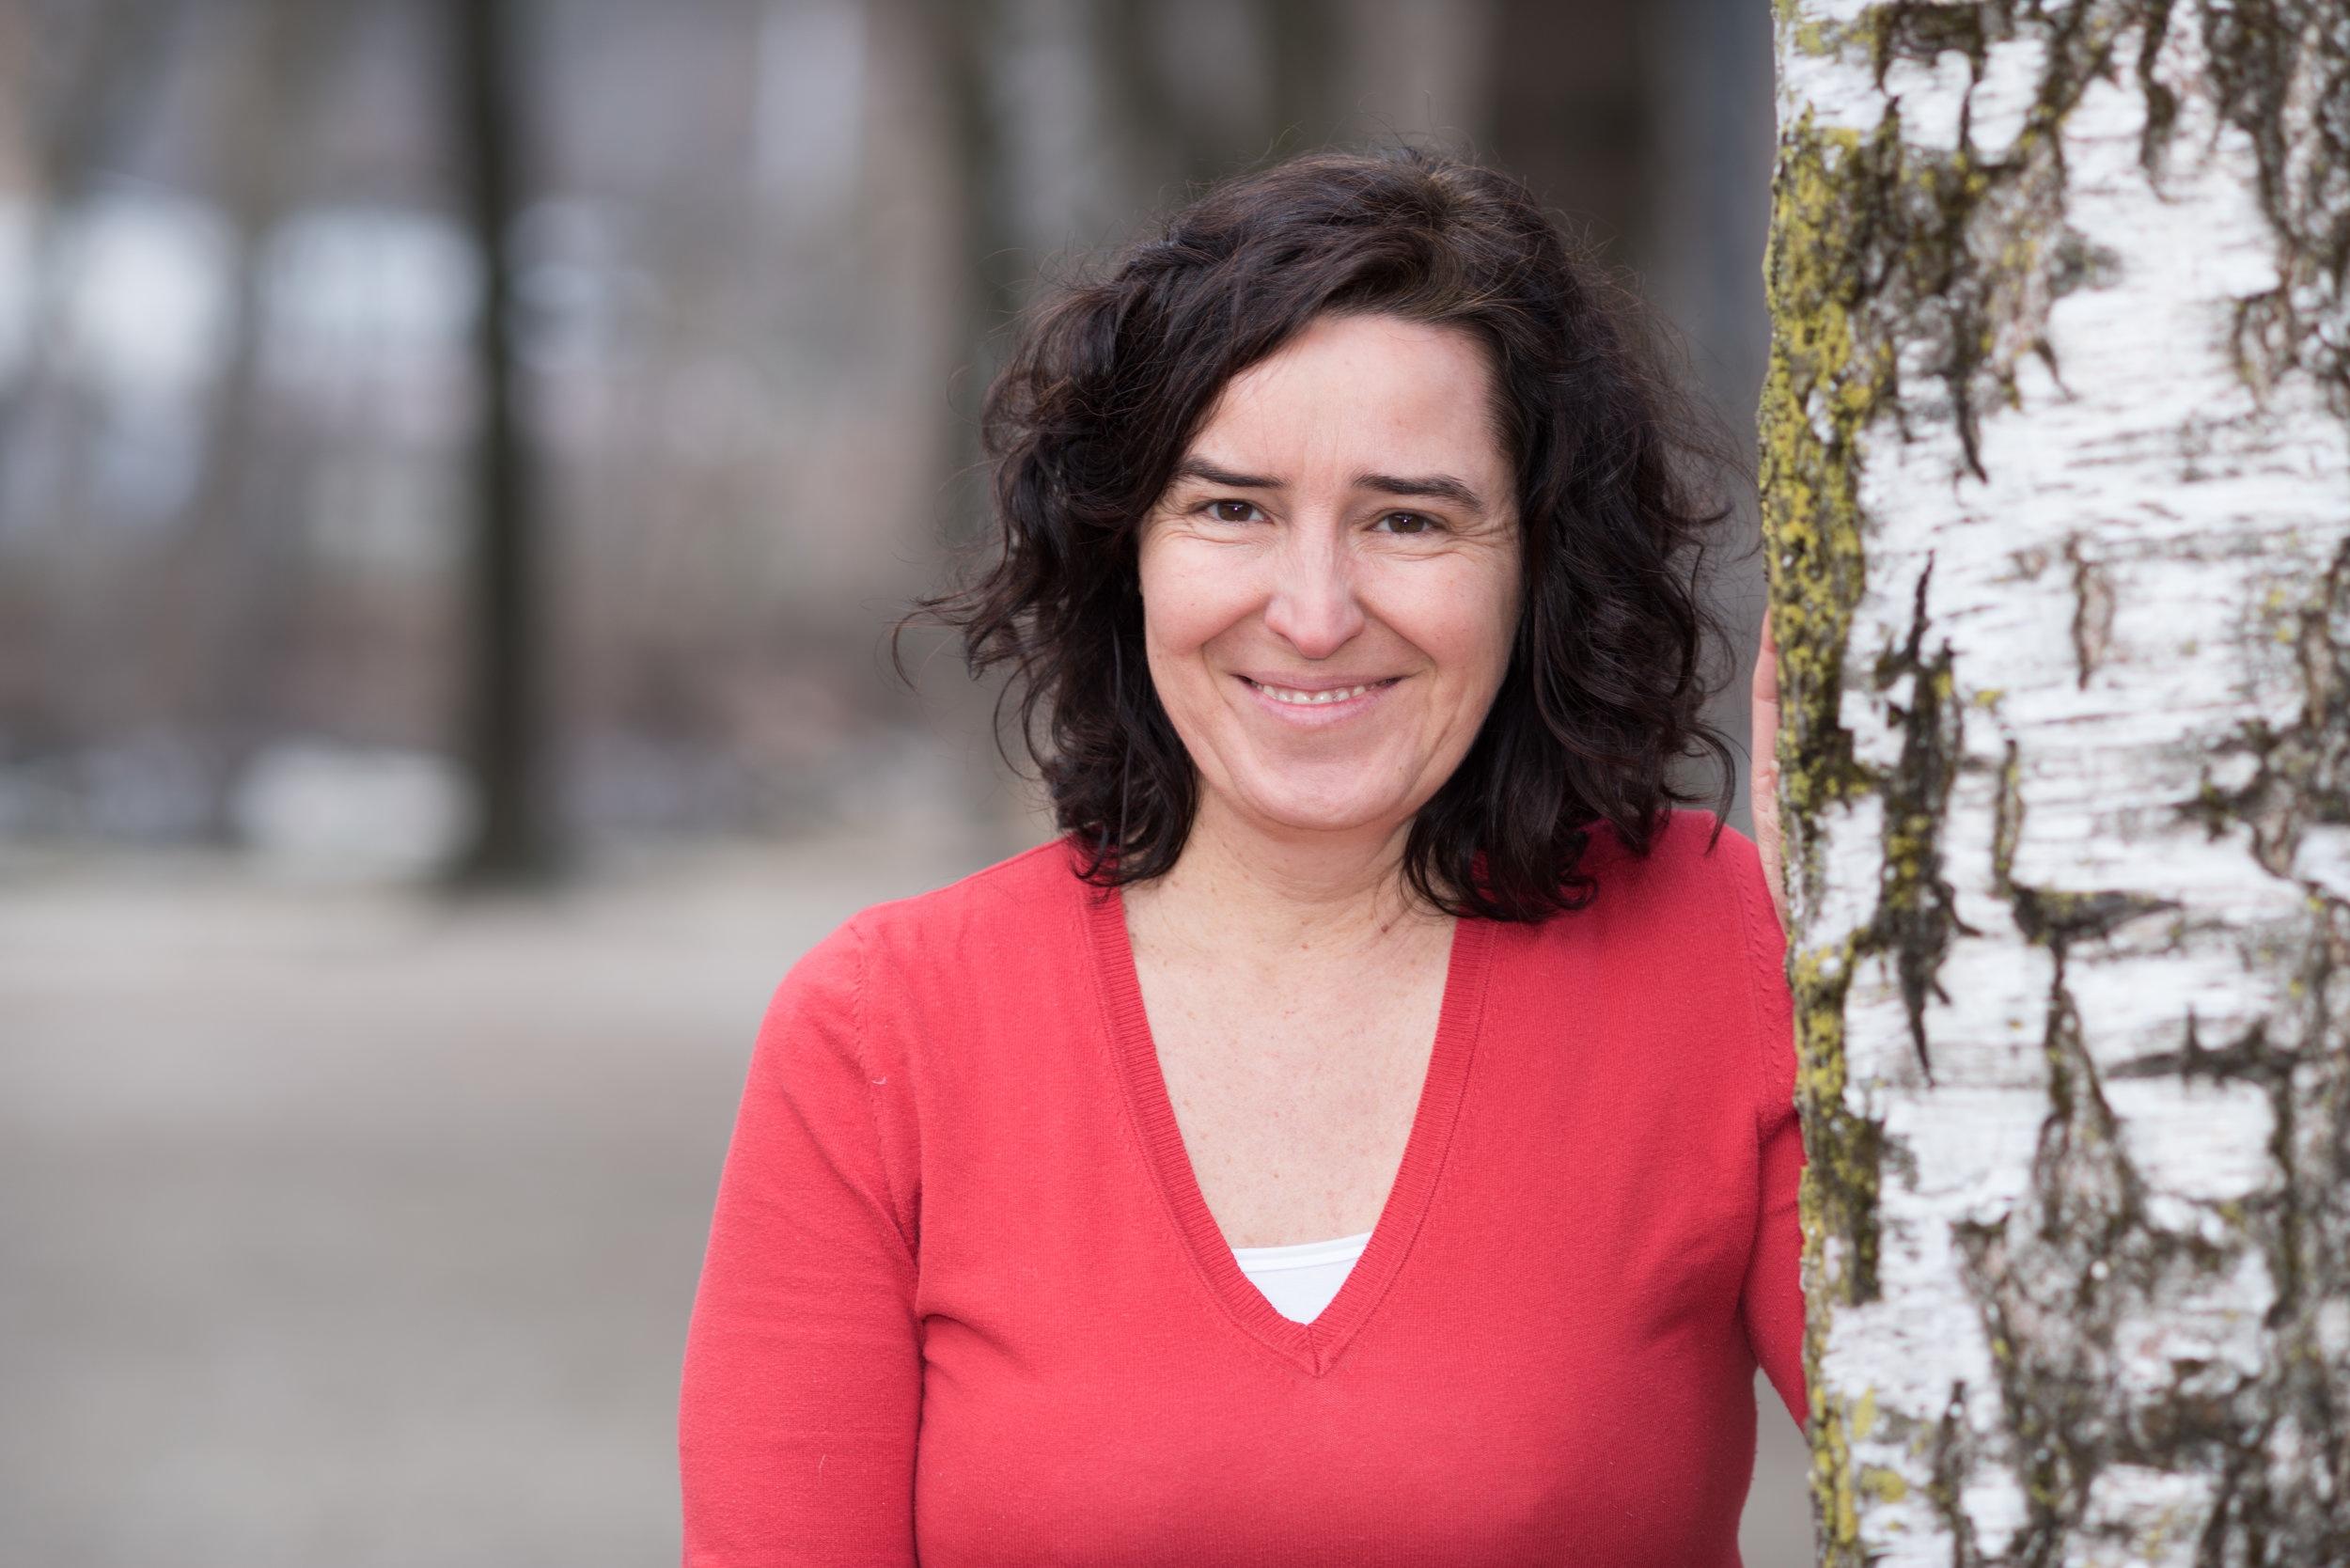 """Kathrin Gschleier - Die Dramaturgin und Autorin Kathrin Gschleier lebt am Ritten und arbeitet in Brixen, war von 1999 bis 2009 als Dramaturgin der Vereinigten Bühnen Bozen tätig und ist seit 2010 Autorin zahlreicher Narrativa. Ihr Schwerpunkt liegt einerseits auf Geschichten für Kinder, Jugendliche und Familien, inhaltlich setzt sie sich mit den Schwerpunkten Südtirol, Identität, Sagen und Mythen auseinander. Ihr erster von 6 Sagenwanderführer """"Die Salige"""" erschien 2011 im Verlag Narrativ, ihr erstes Sachbuch """"Mein Südtirol Buch"""" veröffentliche A. Weger Verlag 2014, ihr erstes Theaterstück """"Autobahnraststätte Nr. 5"""" wurde 2017 uraufgeführt, ihr erstes Sagenbuch """"Meine Südtiroler Sagenwelt"""" erschien 2018. Mit binnen-I arbeitete Sie bereits an der Adventskalenderaktion """"sweet afFAIR"""" der OEW – Organisation für eine Welt und den Südtiroler Weltläden. Für das Projekt """"FanesAusSagen"""" lieferte Kathrin Gschleier als Autorin erzählendes und dramatisches Textmaterial, als Dramaturgin Hintergrundwissen zum sagenumwobenen Mythos von Fanes."""